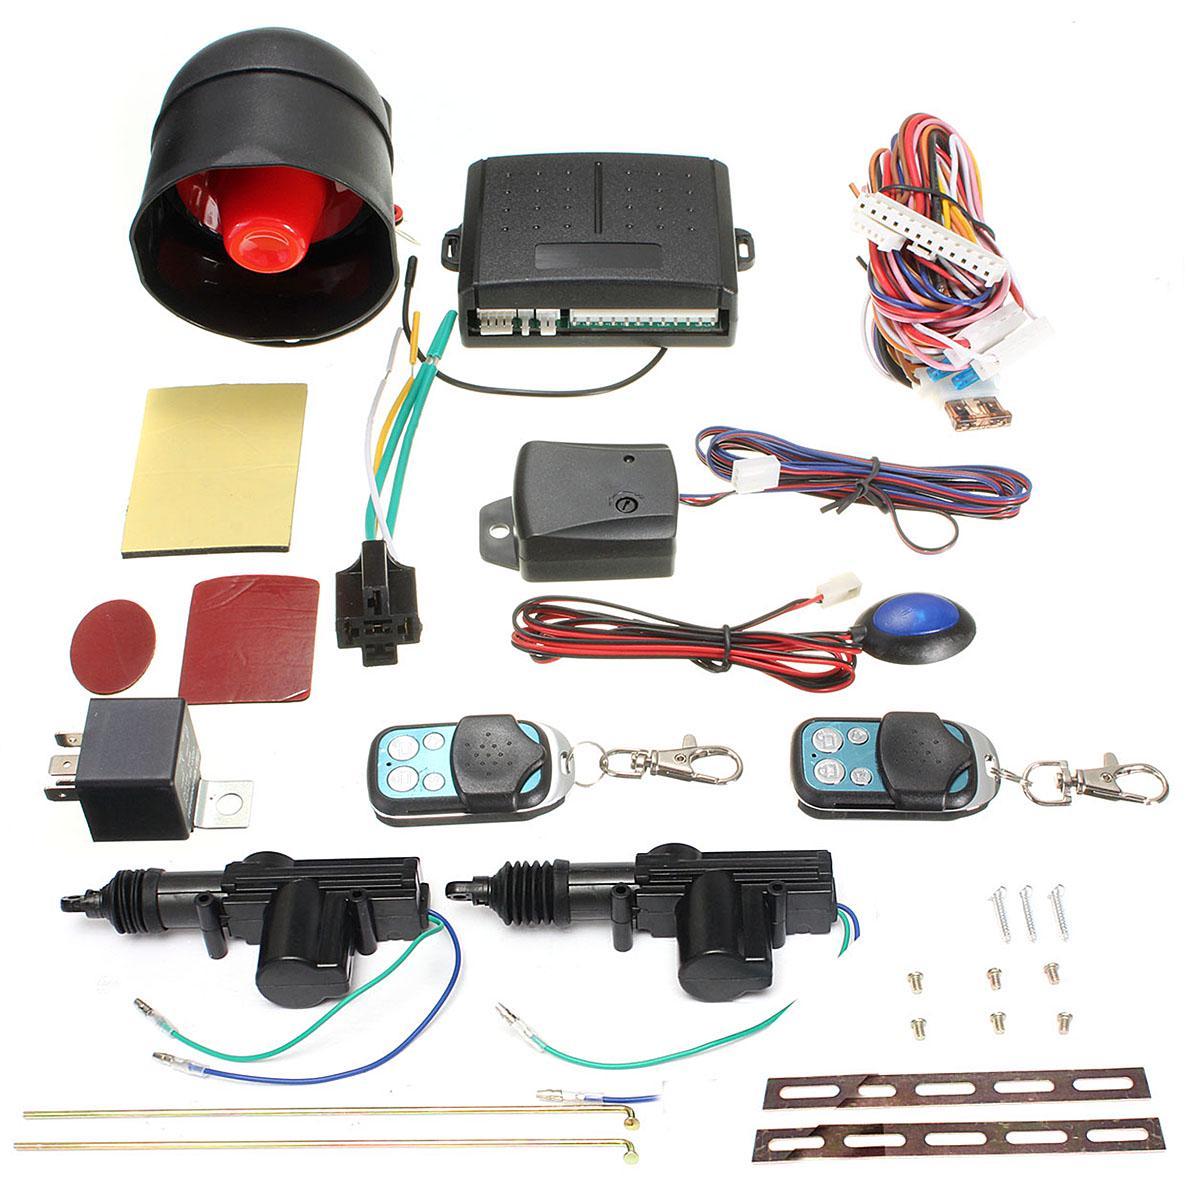 Voiture Anti-vol Système avec Deux Voiture Kit De Verrouillage De Porte De Voiture Véhicule Antivol Alarme de Sécurité Protection Système avec Télécommande contrôleur